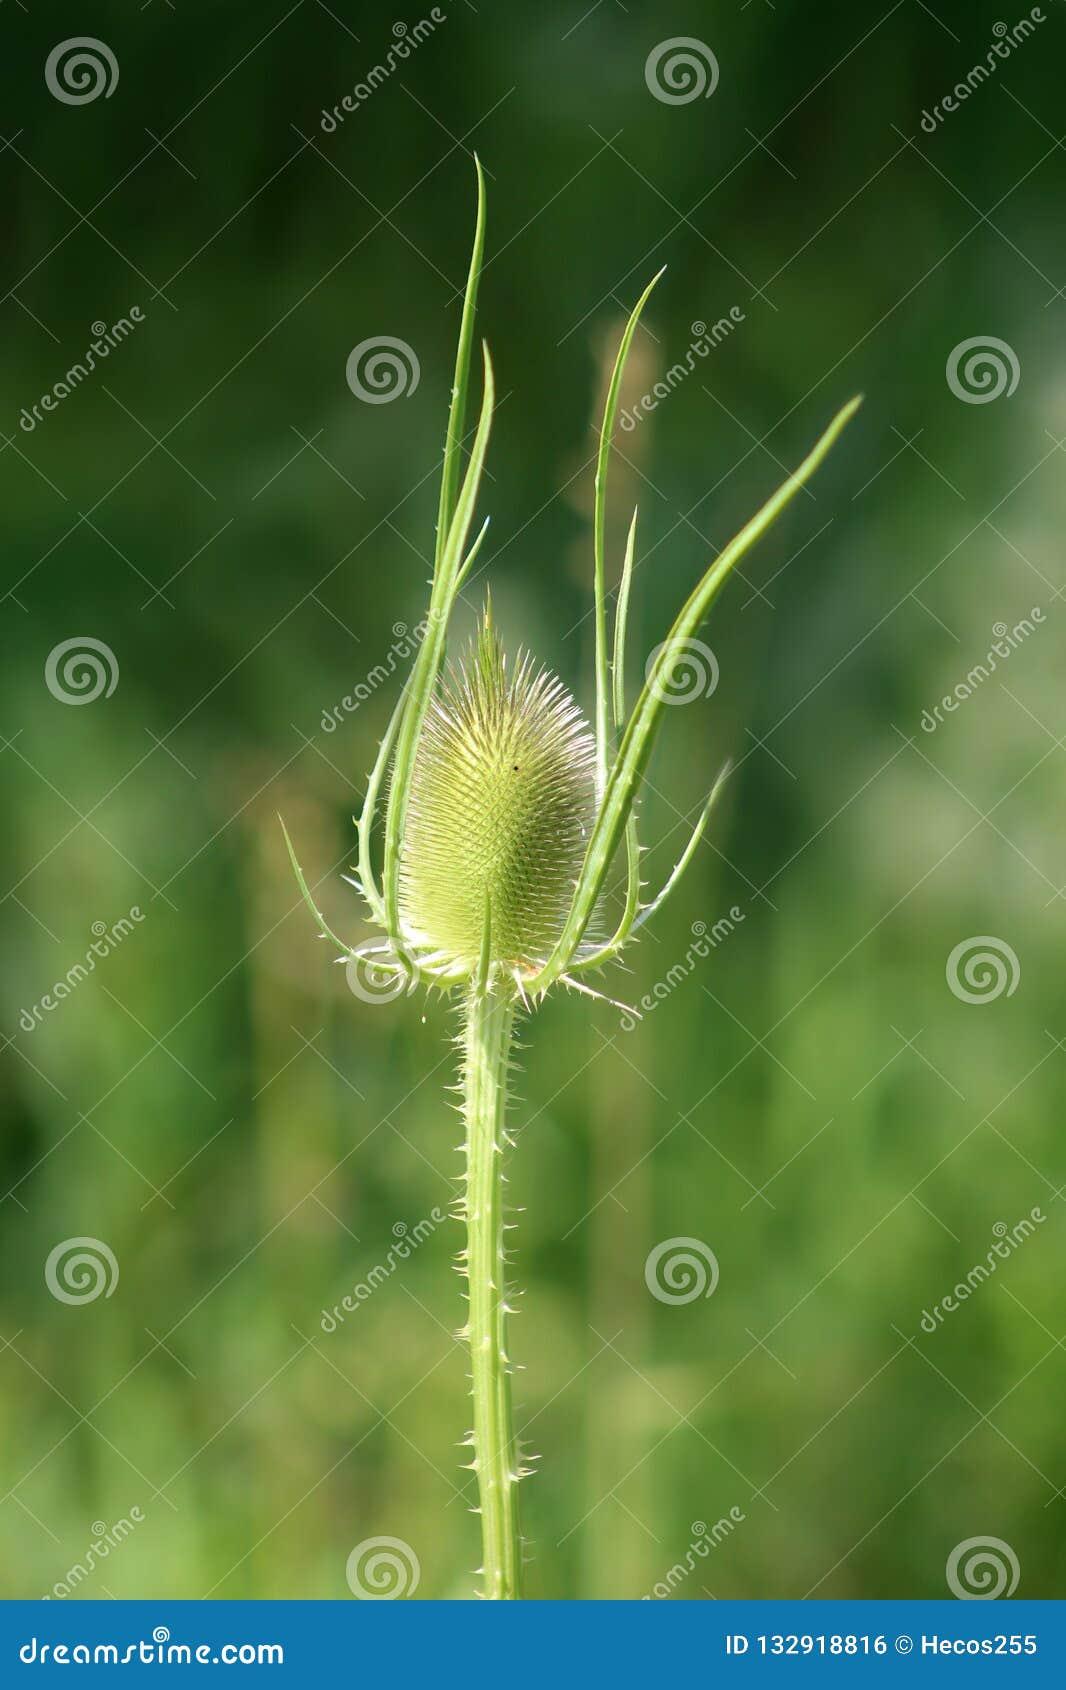 Άγριο teasel ή εγκαταστάσεις fullonum Dipsacus πράσινες πλήρως με τον τραχύ μίσχο και κάθετο αυγό-διαμορφωμένο κεφάλι λουλουδιών